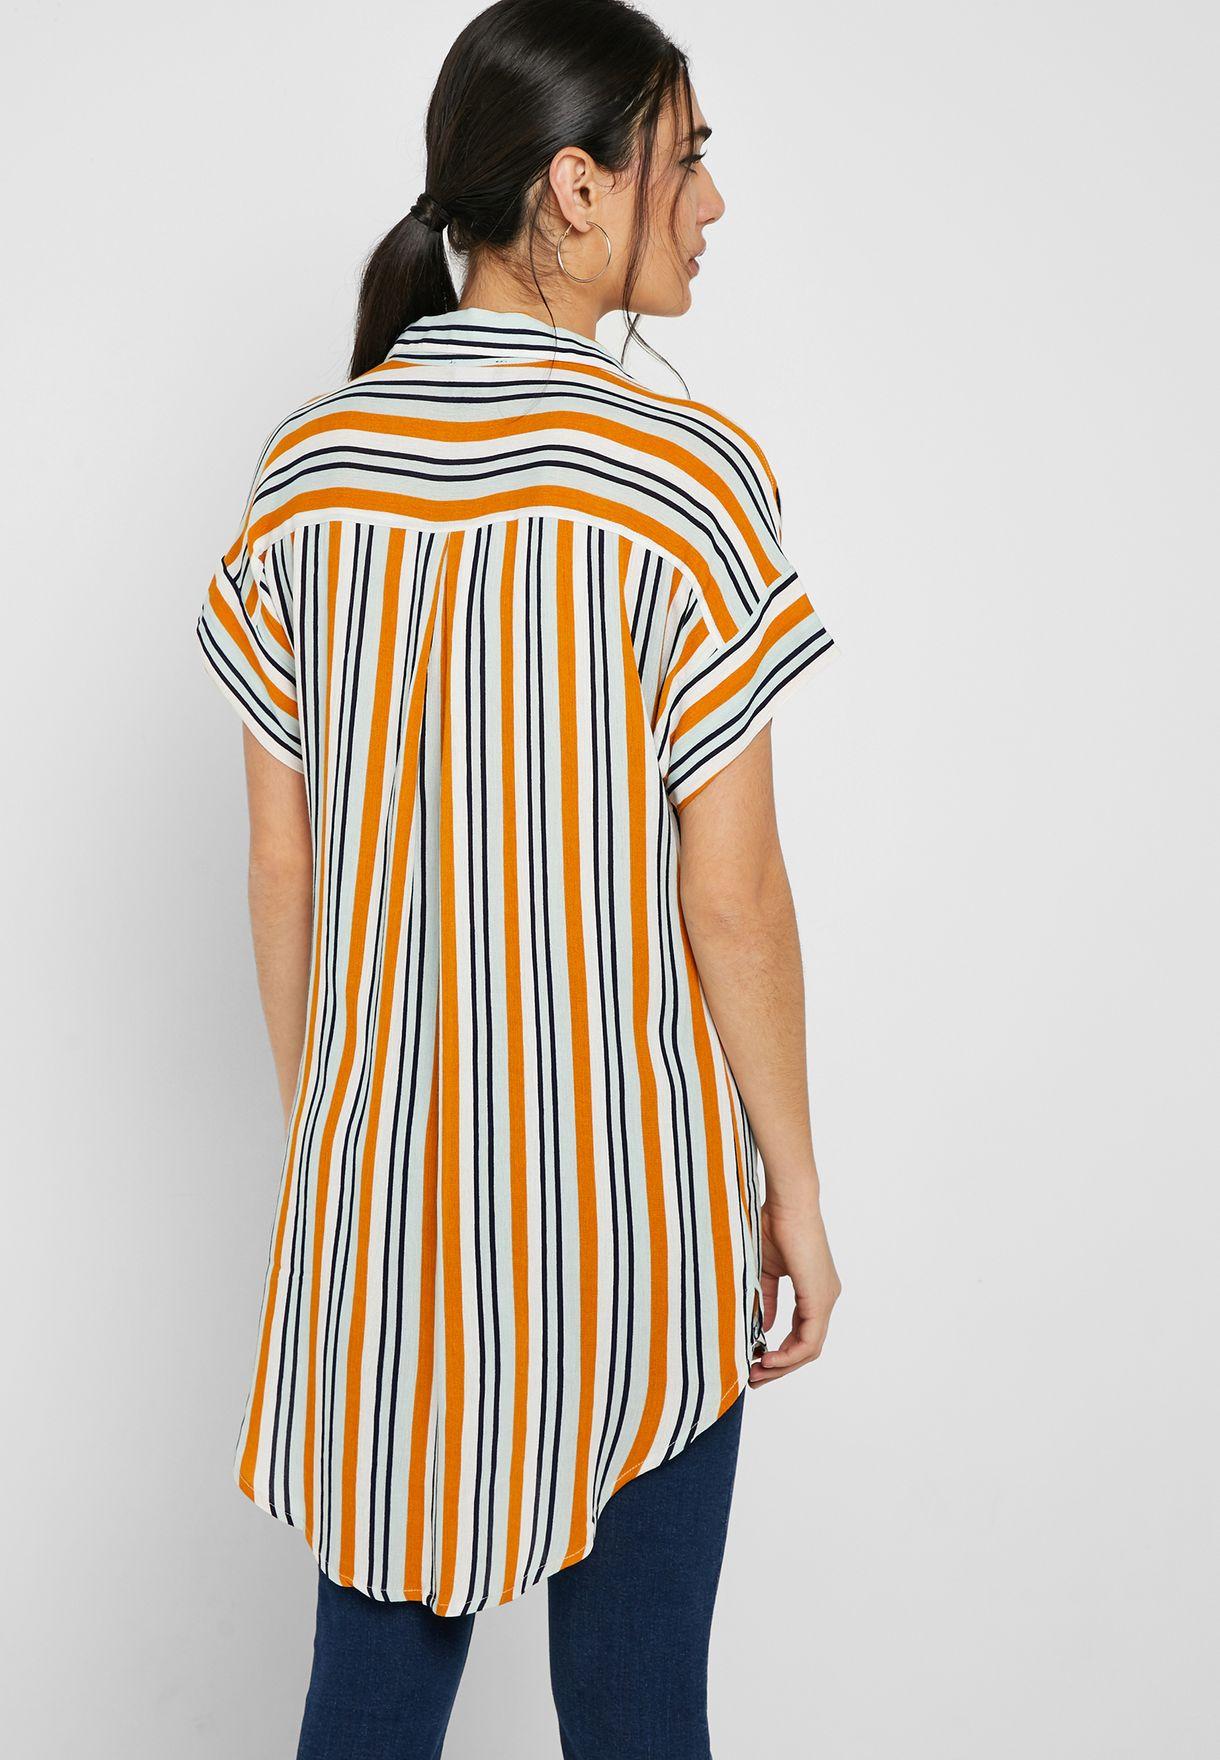 قميص مخطط بحافة متباينة الطول